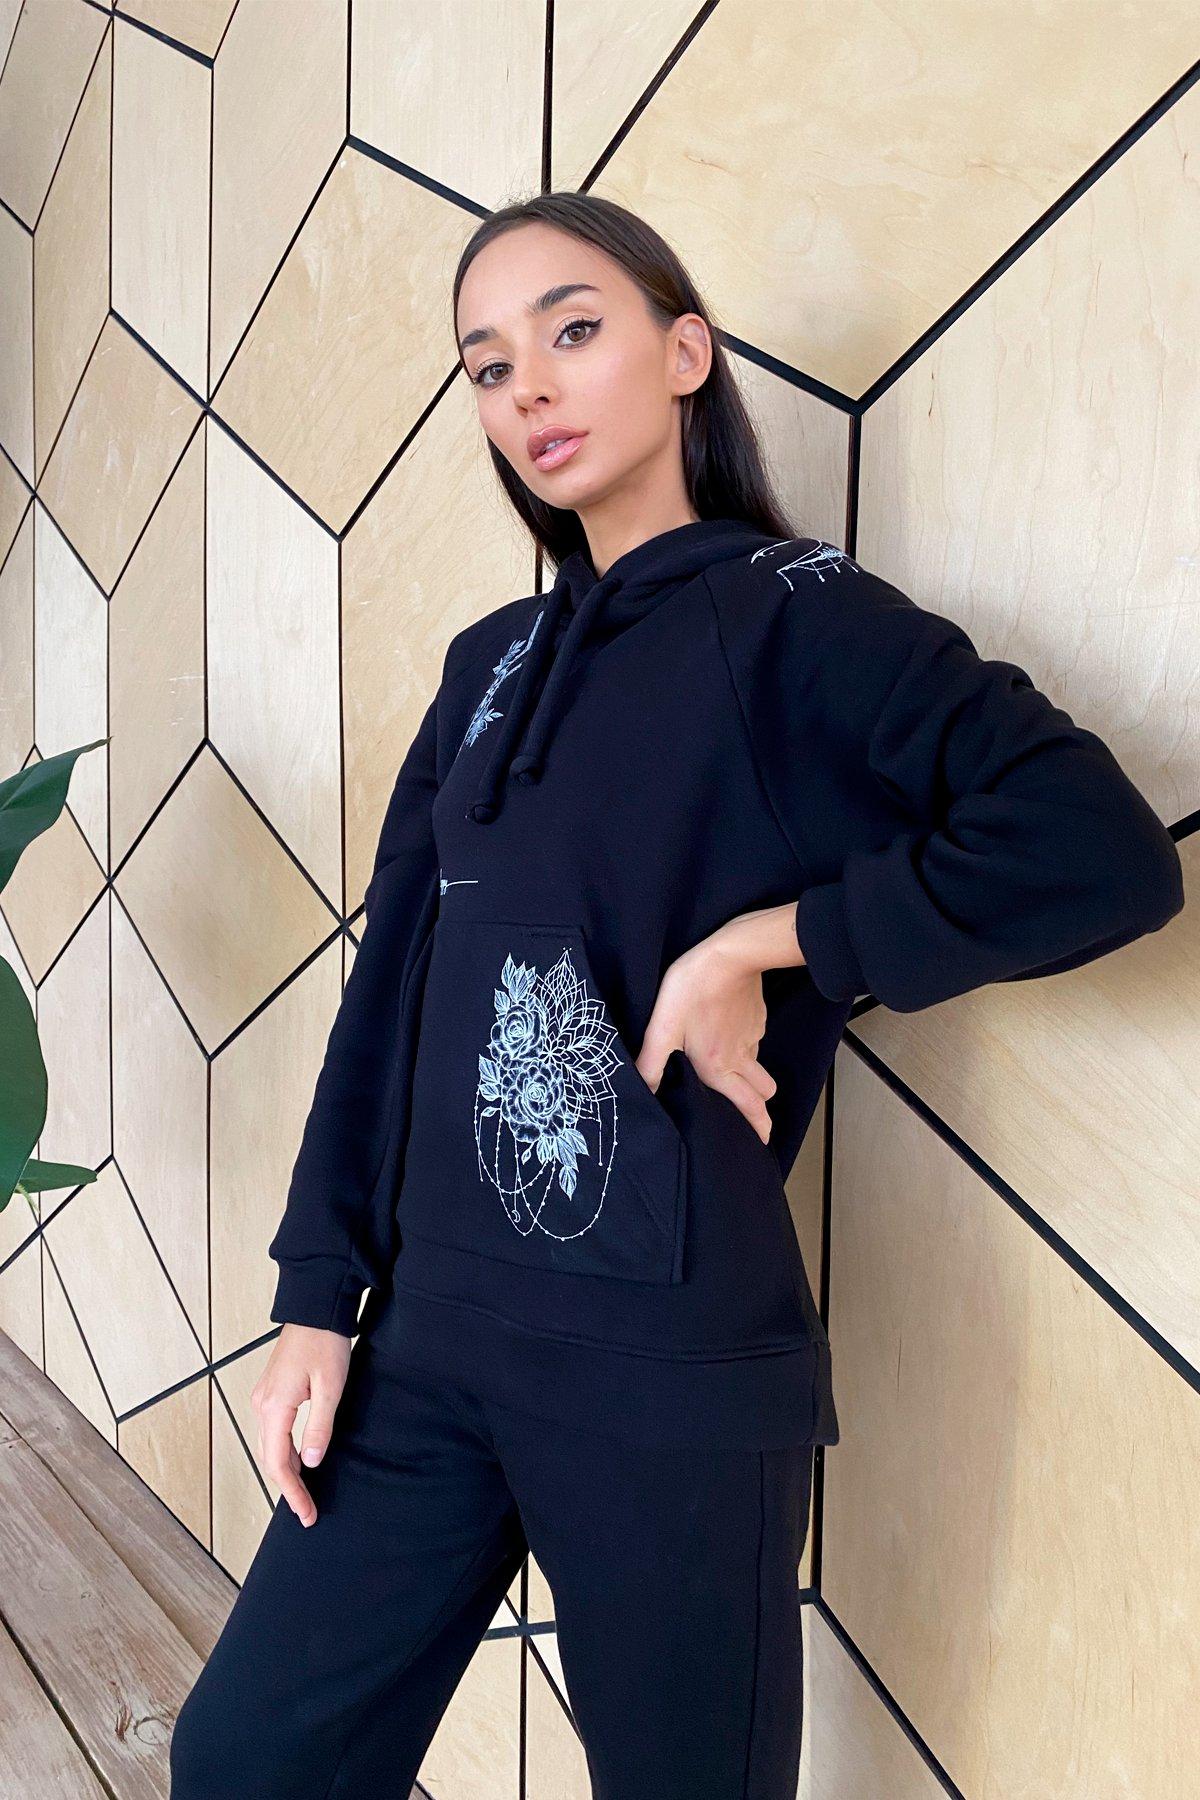 Тату костюм на флисе Oversize 9815 АРТ. 46246 Цвет: Черный - фото 4, интернет магазин tm-modus.ru